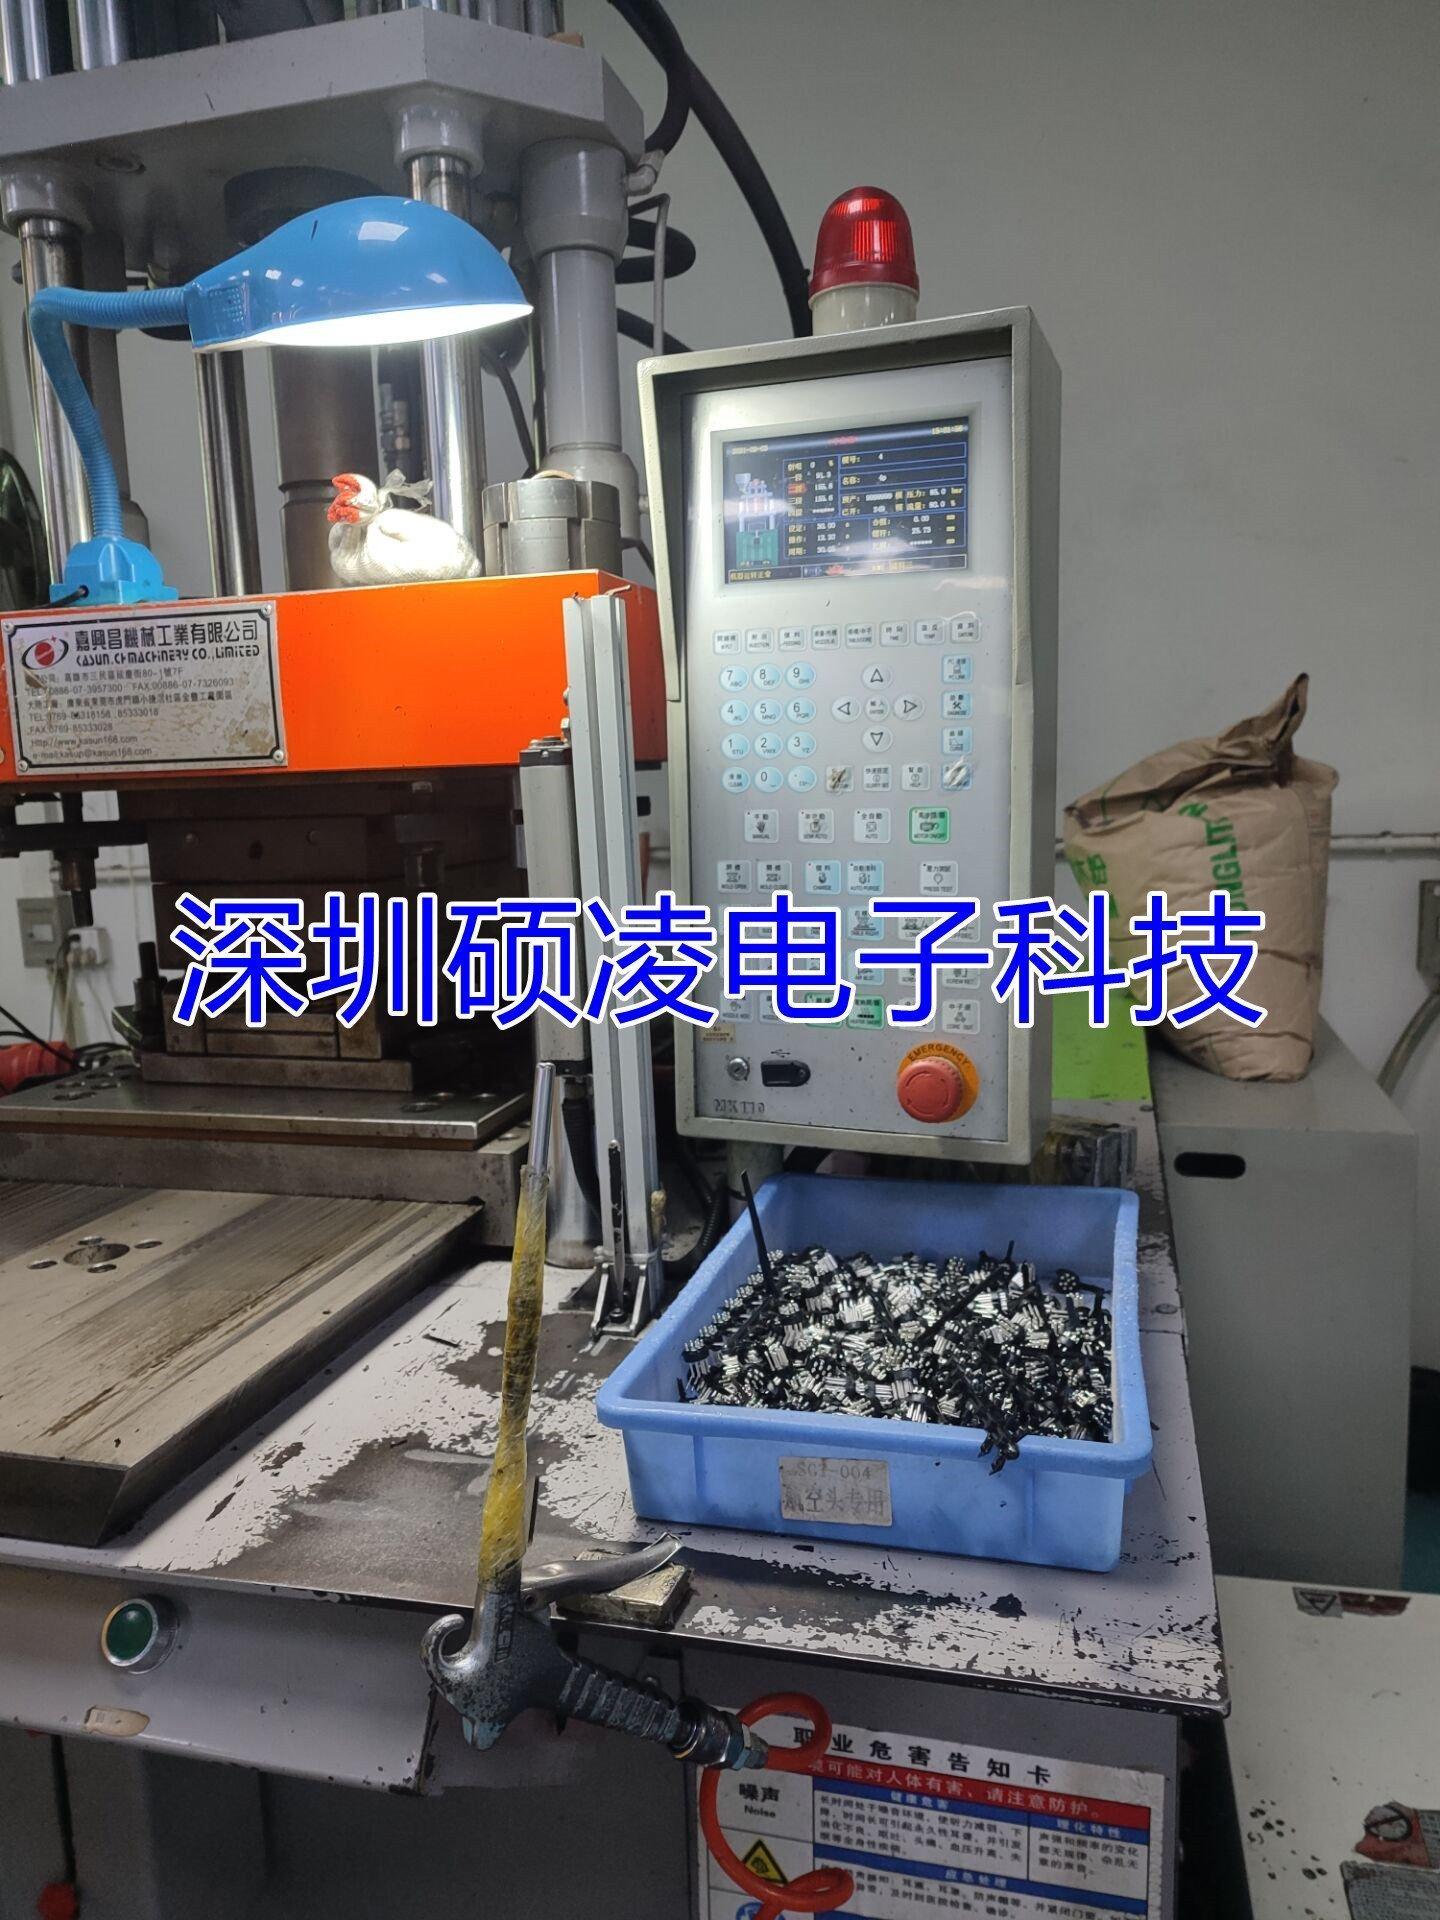 航空头M12.M16焊线式公座母座连接器 , 深圳制造商硕凌电子